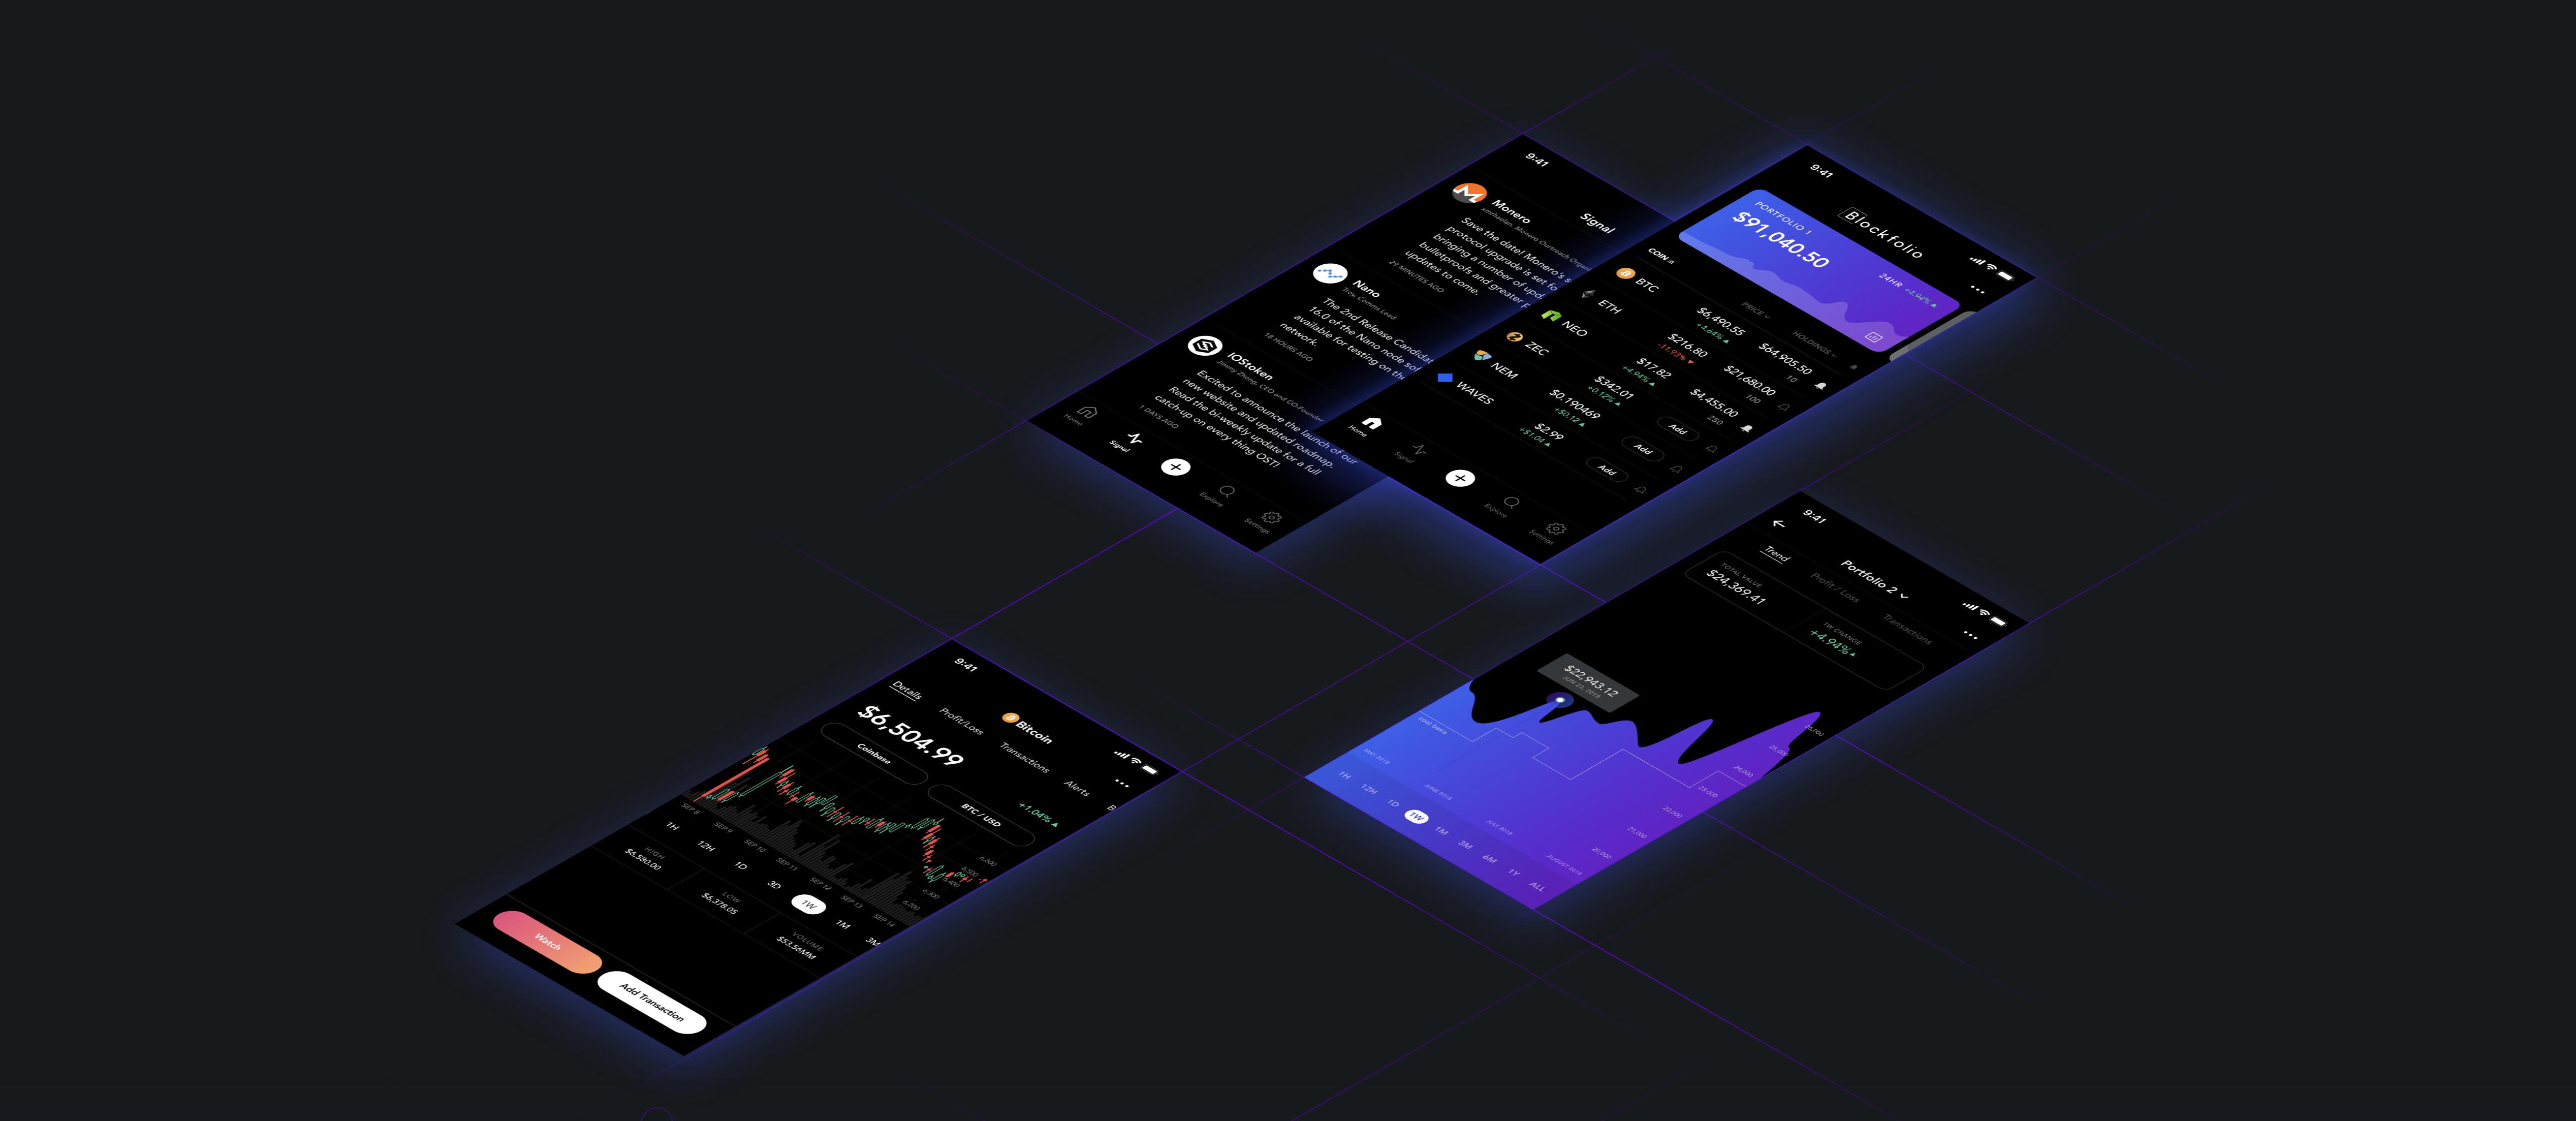 Blockfolio – Pour surveiller votre portefeuille de cryptomonnaies